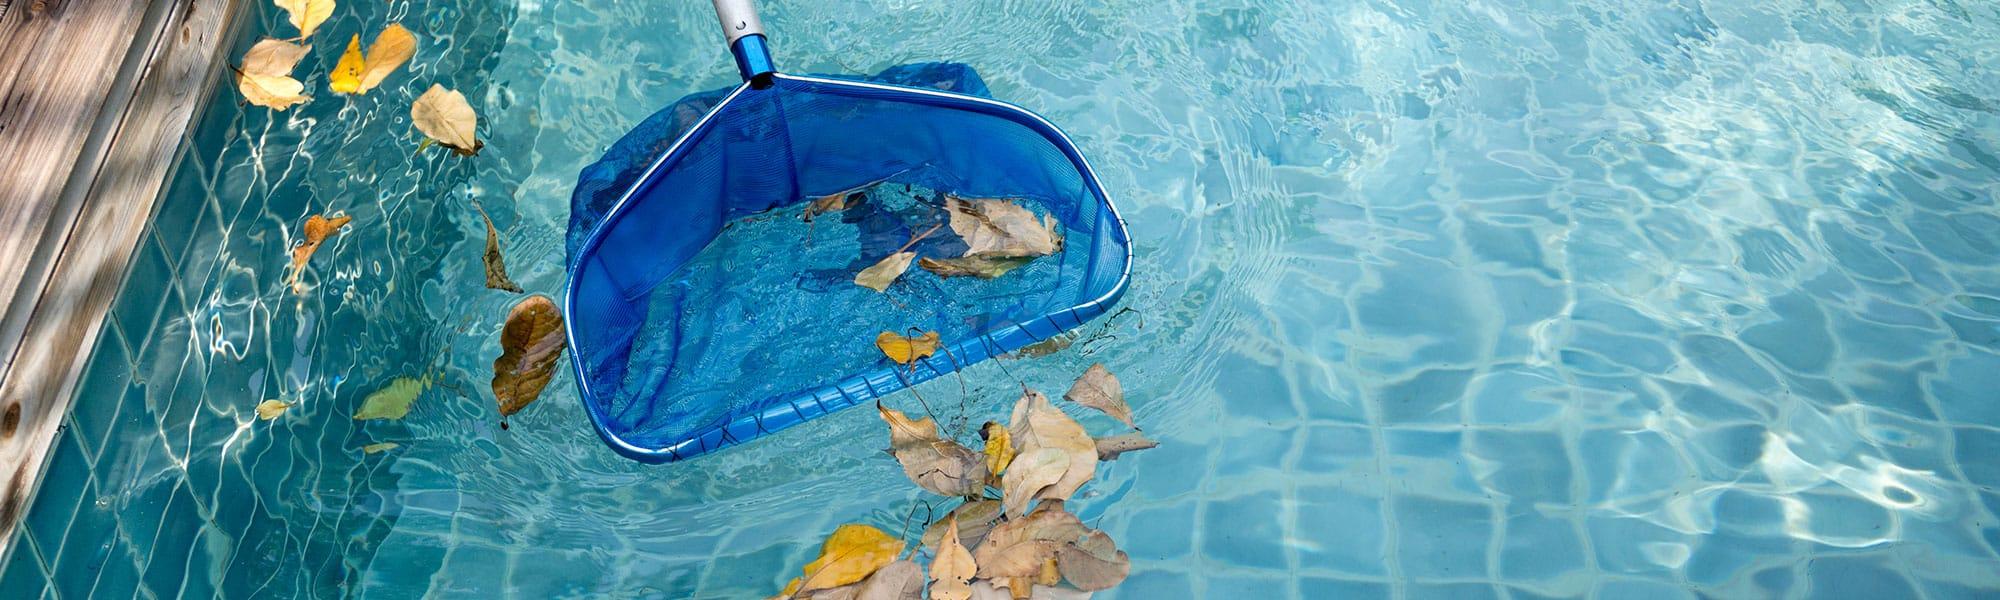 Filtration pour piscine enterrée